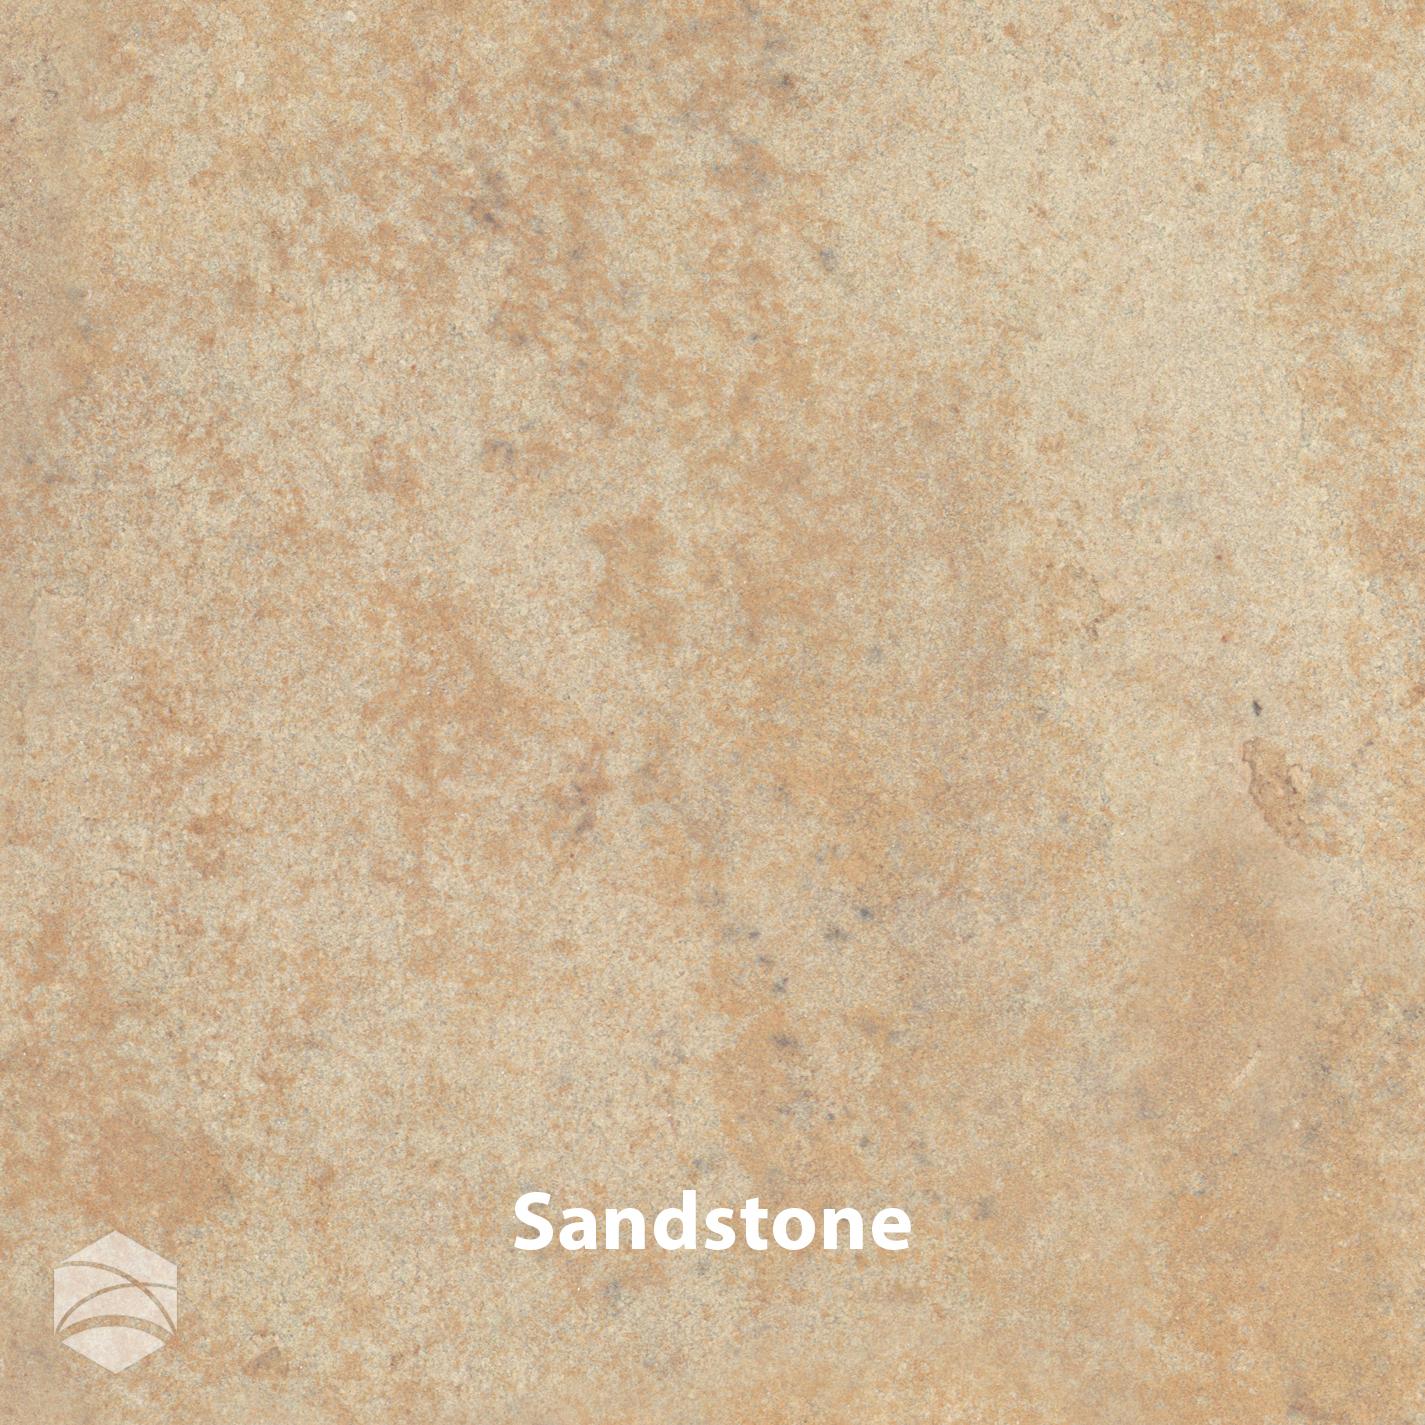 Sandstone_V2_14x14.jpg